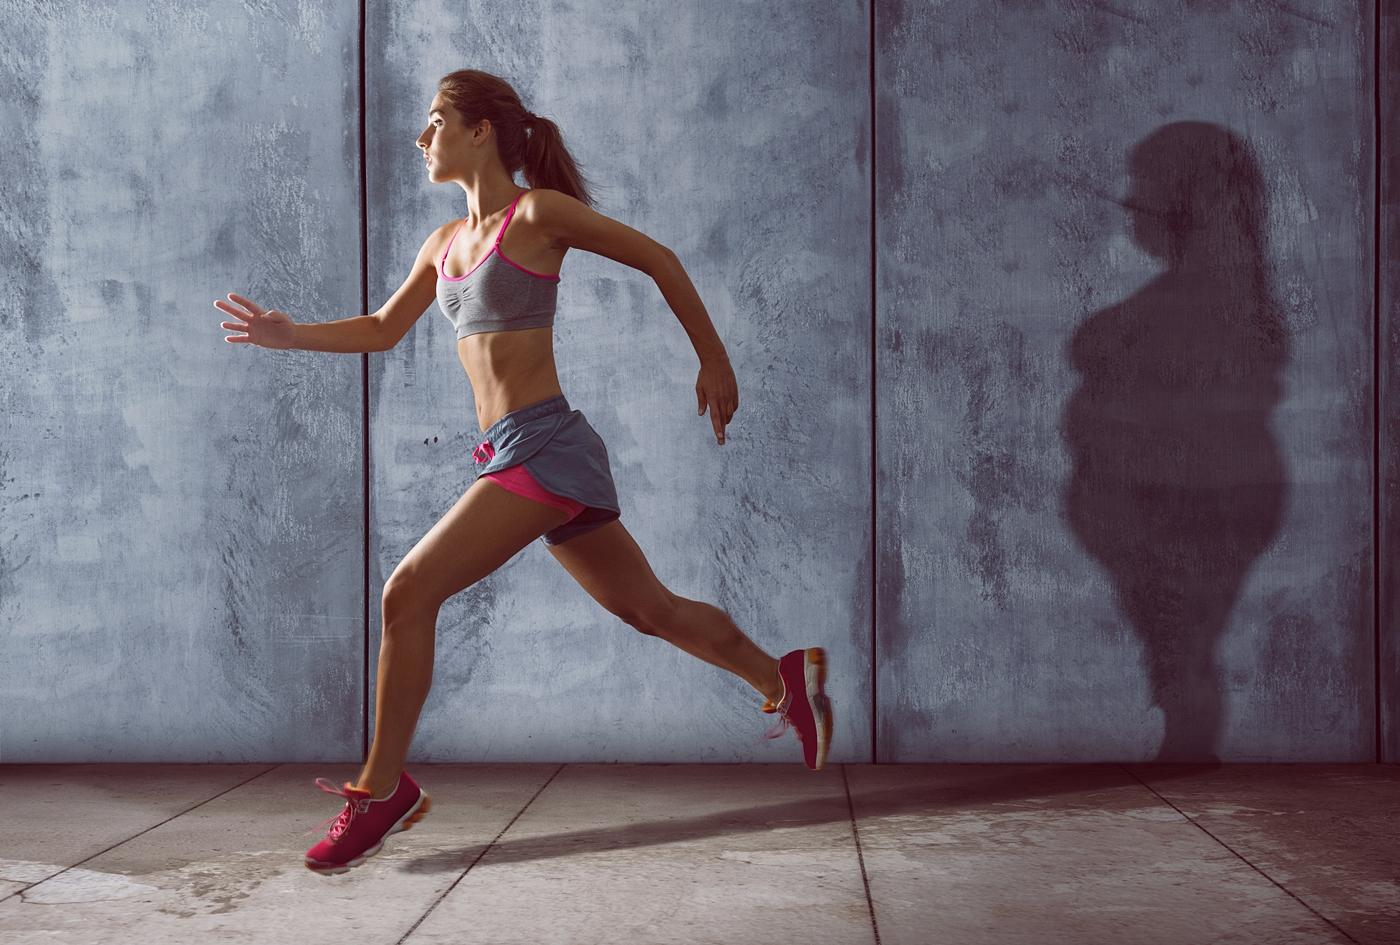 ダイエットで変化した女性の体形